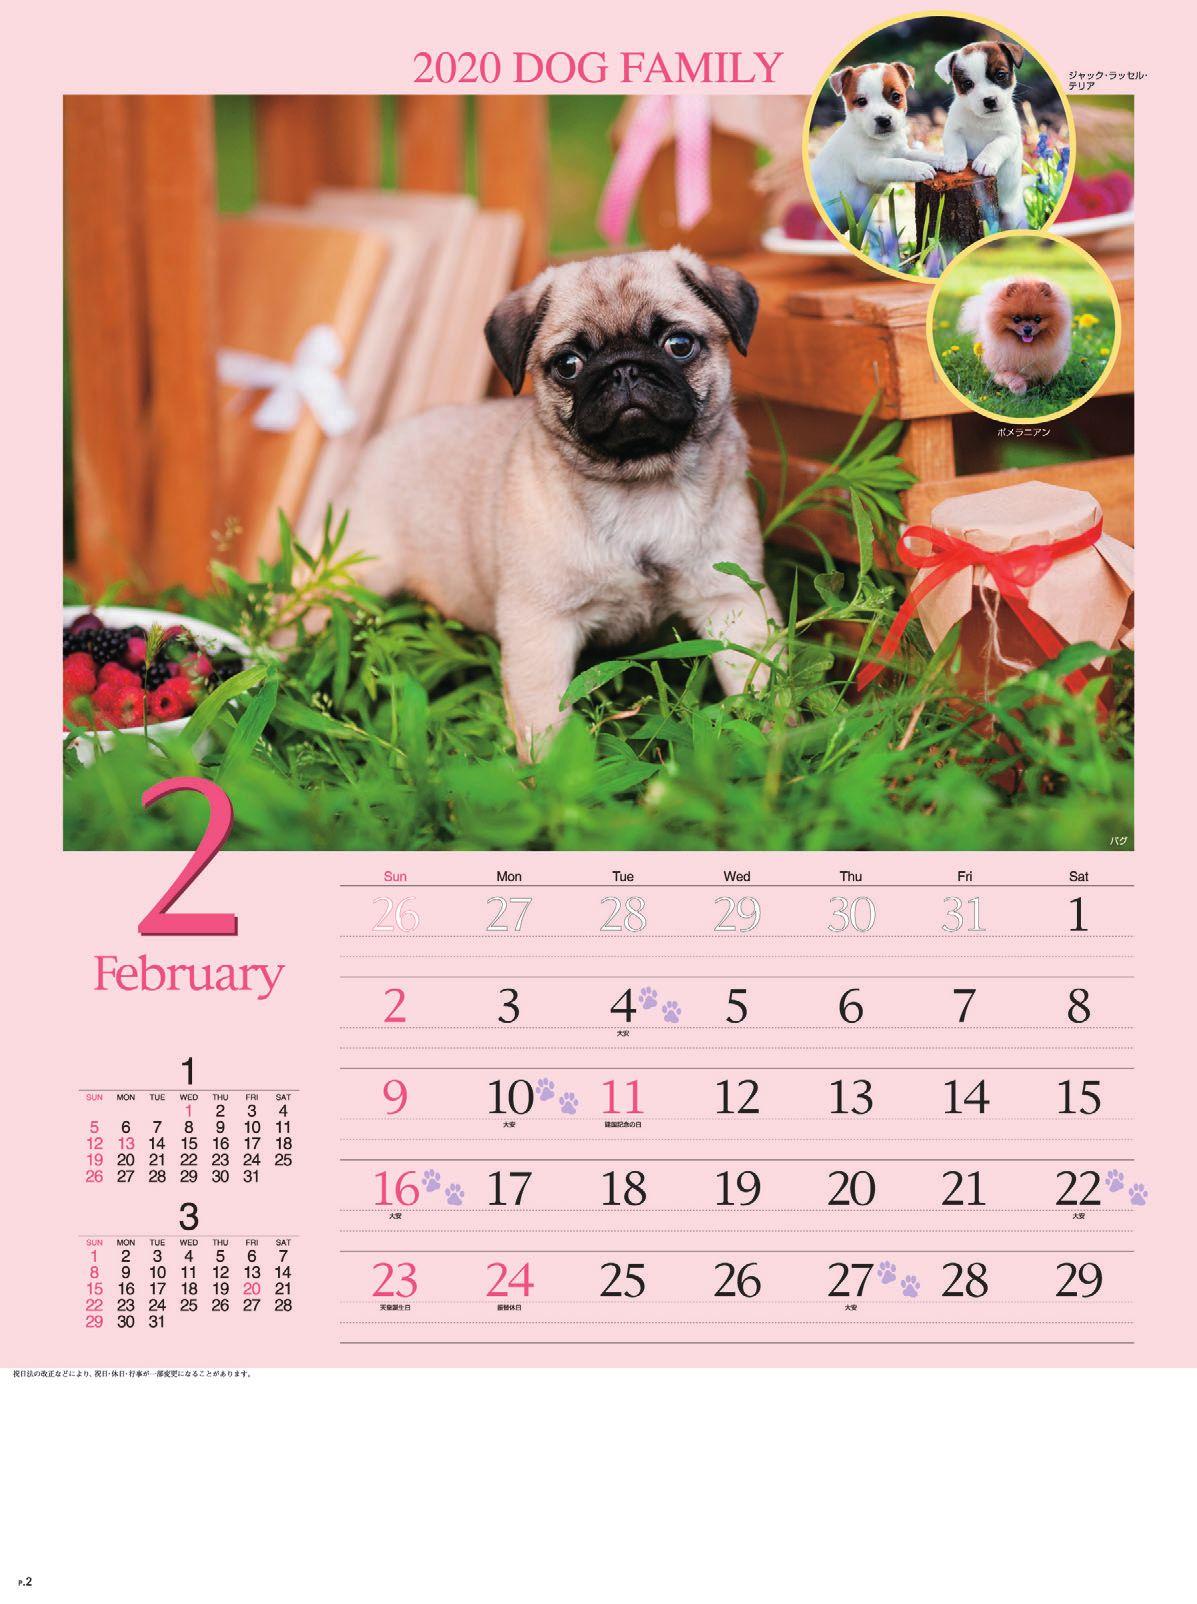 画像:パグ ドッグファミリー 2020年カレンダー